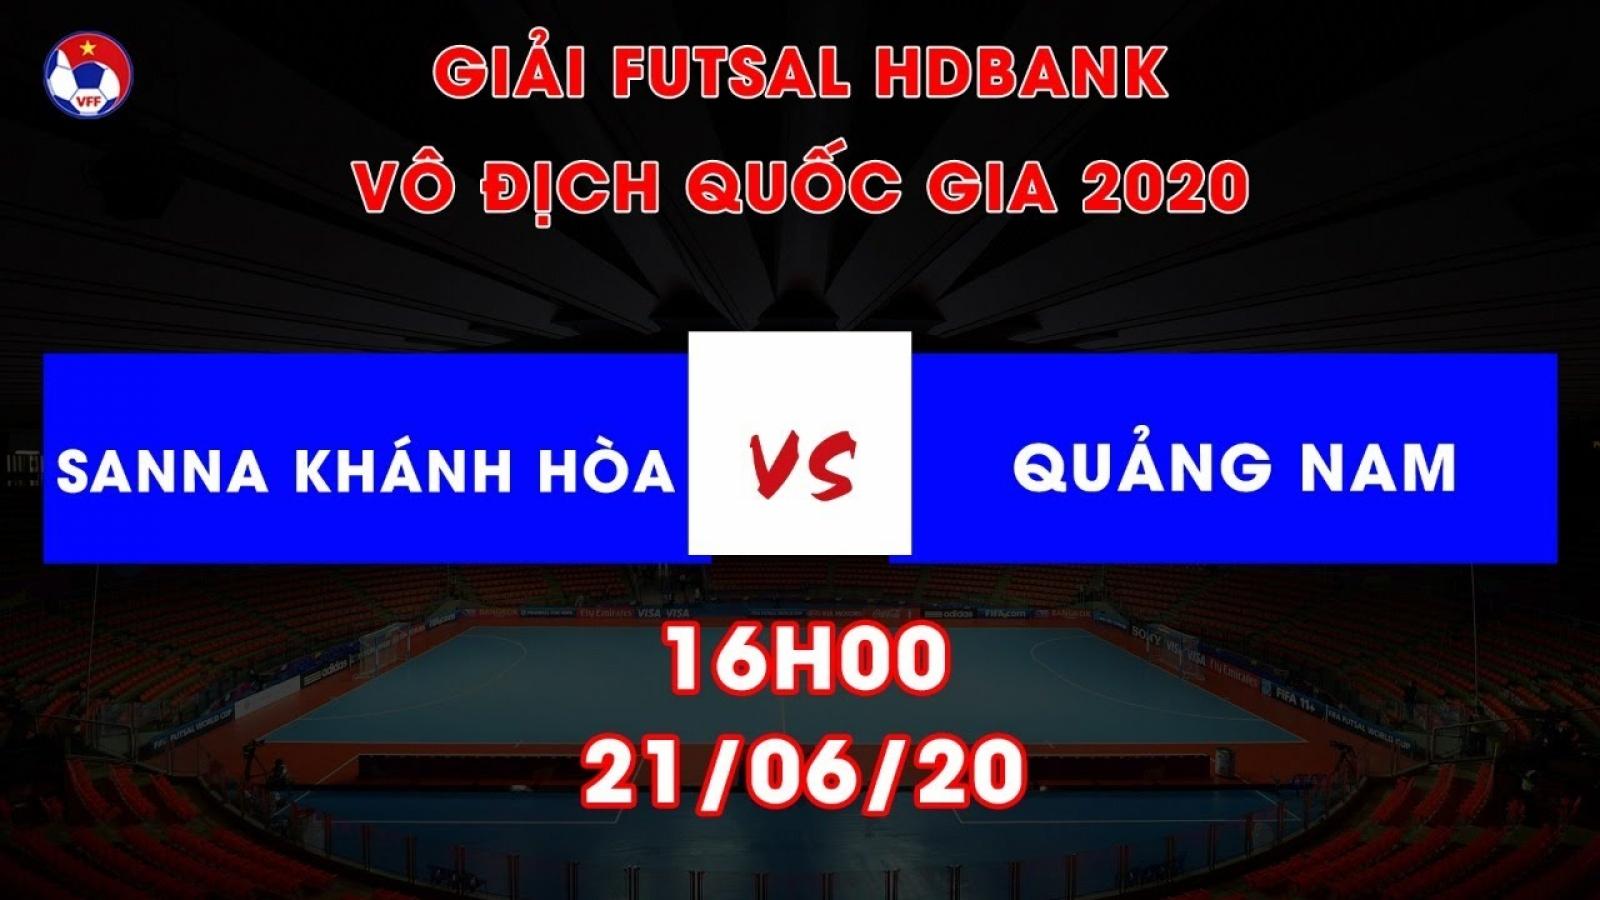 Xem trực tiếp Sanna Khánh Hòa - Quảng Nam Giải Futsal HDBank VĐQG 2020